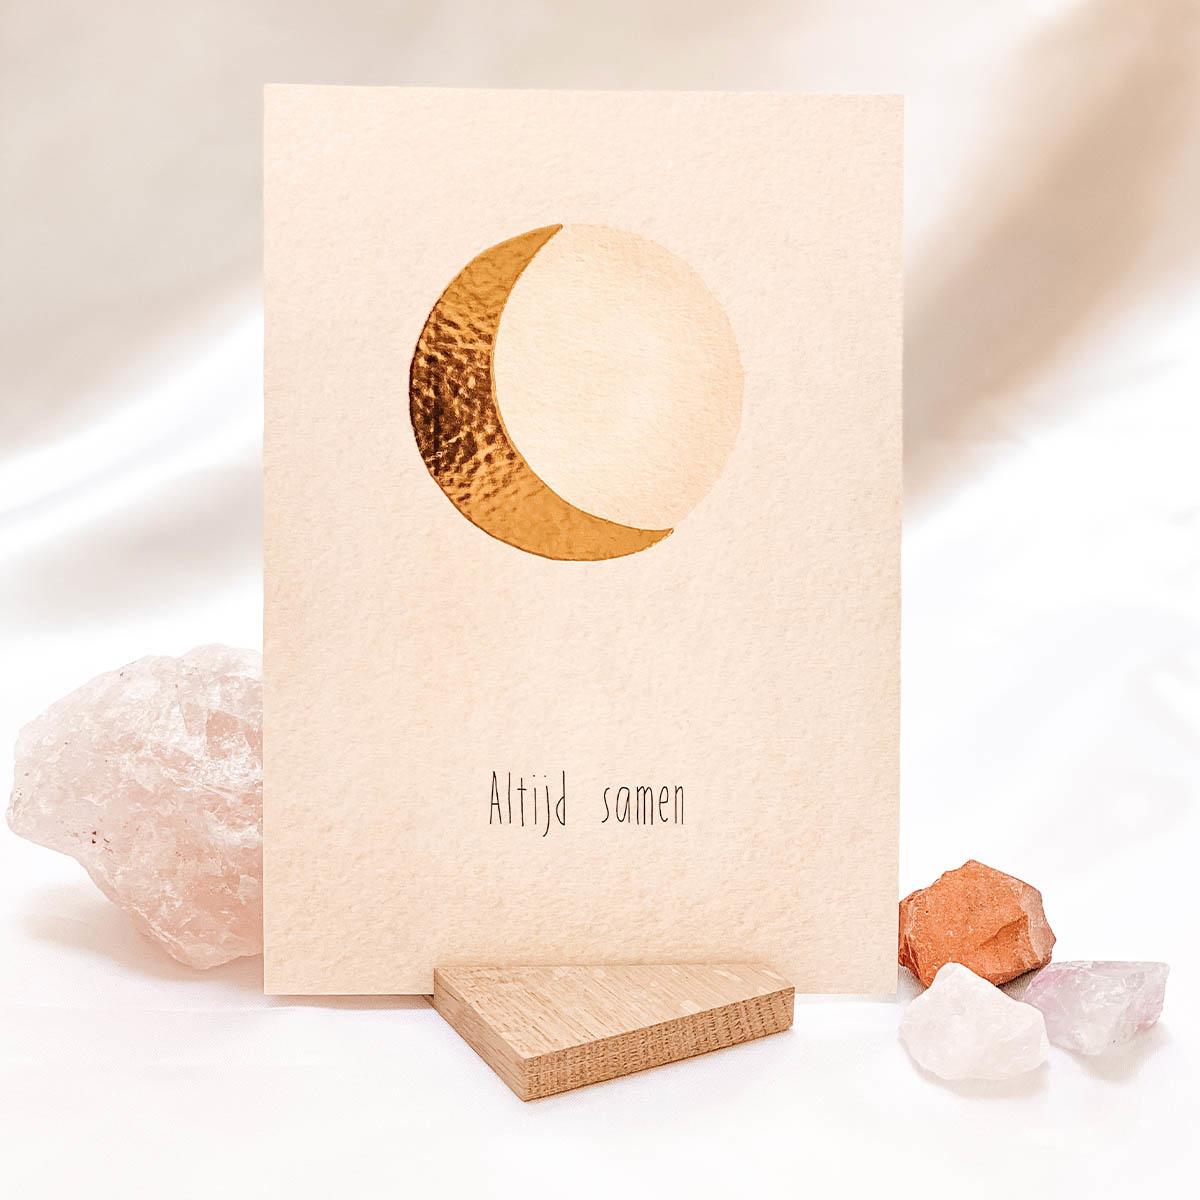 Special edition maanposter  • Altijd samen